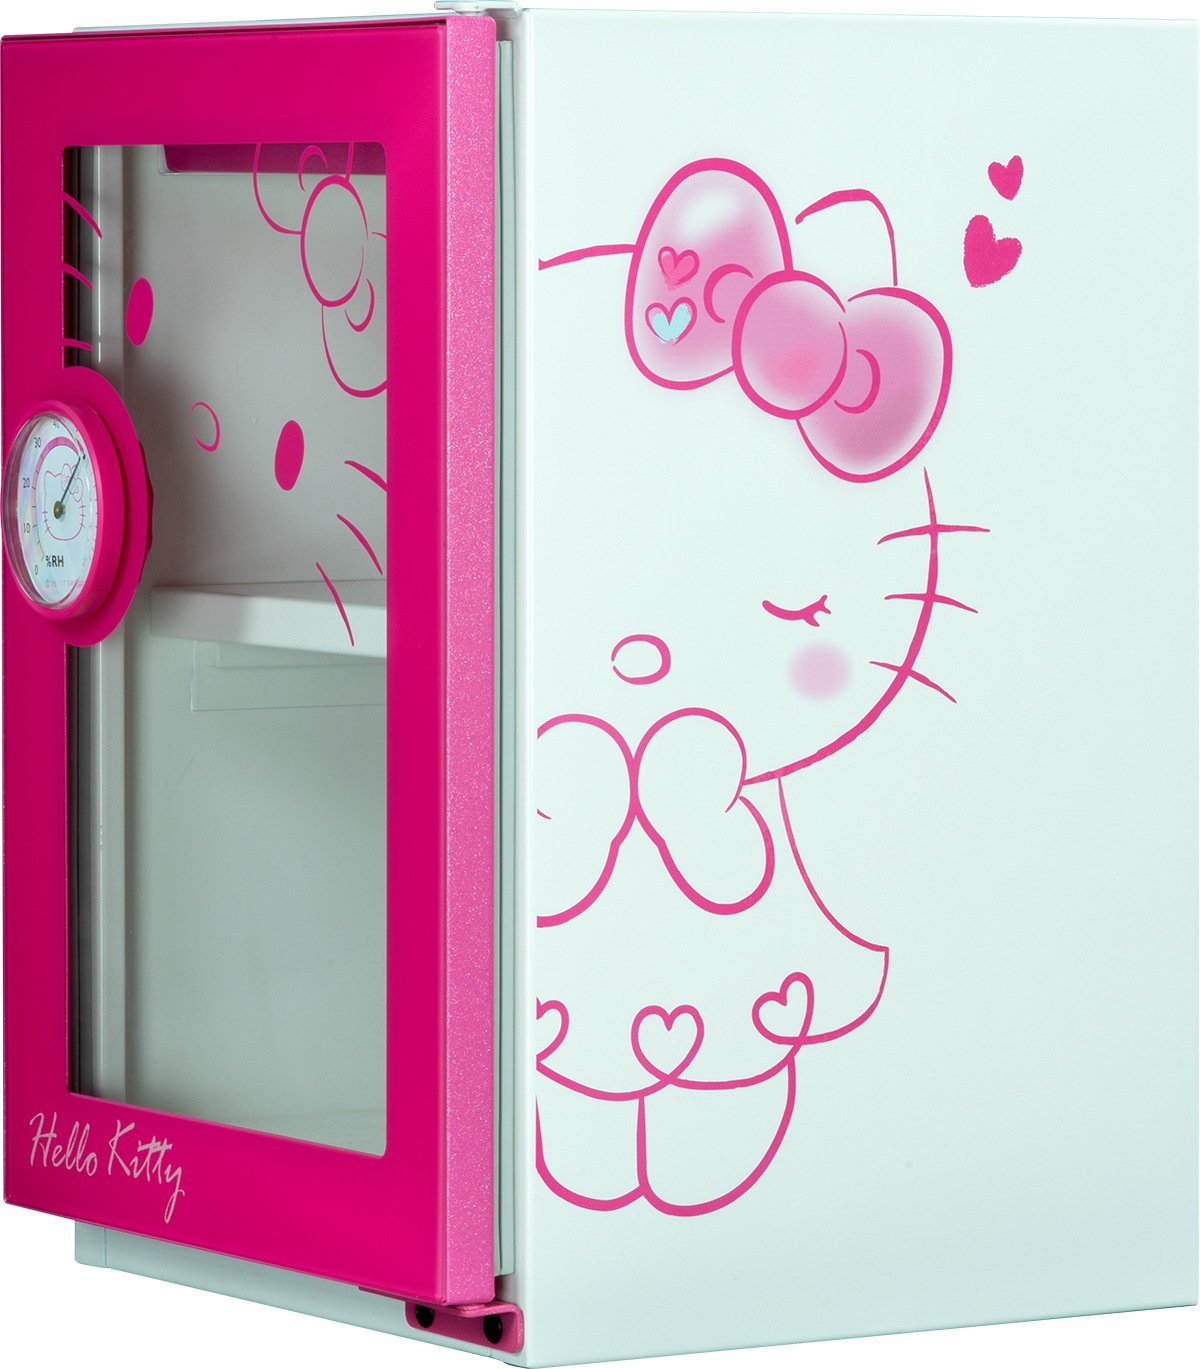 「HELLO KITTY x收藏家」美學防潮箱。圖/收藏家提供